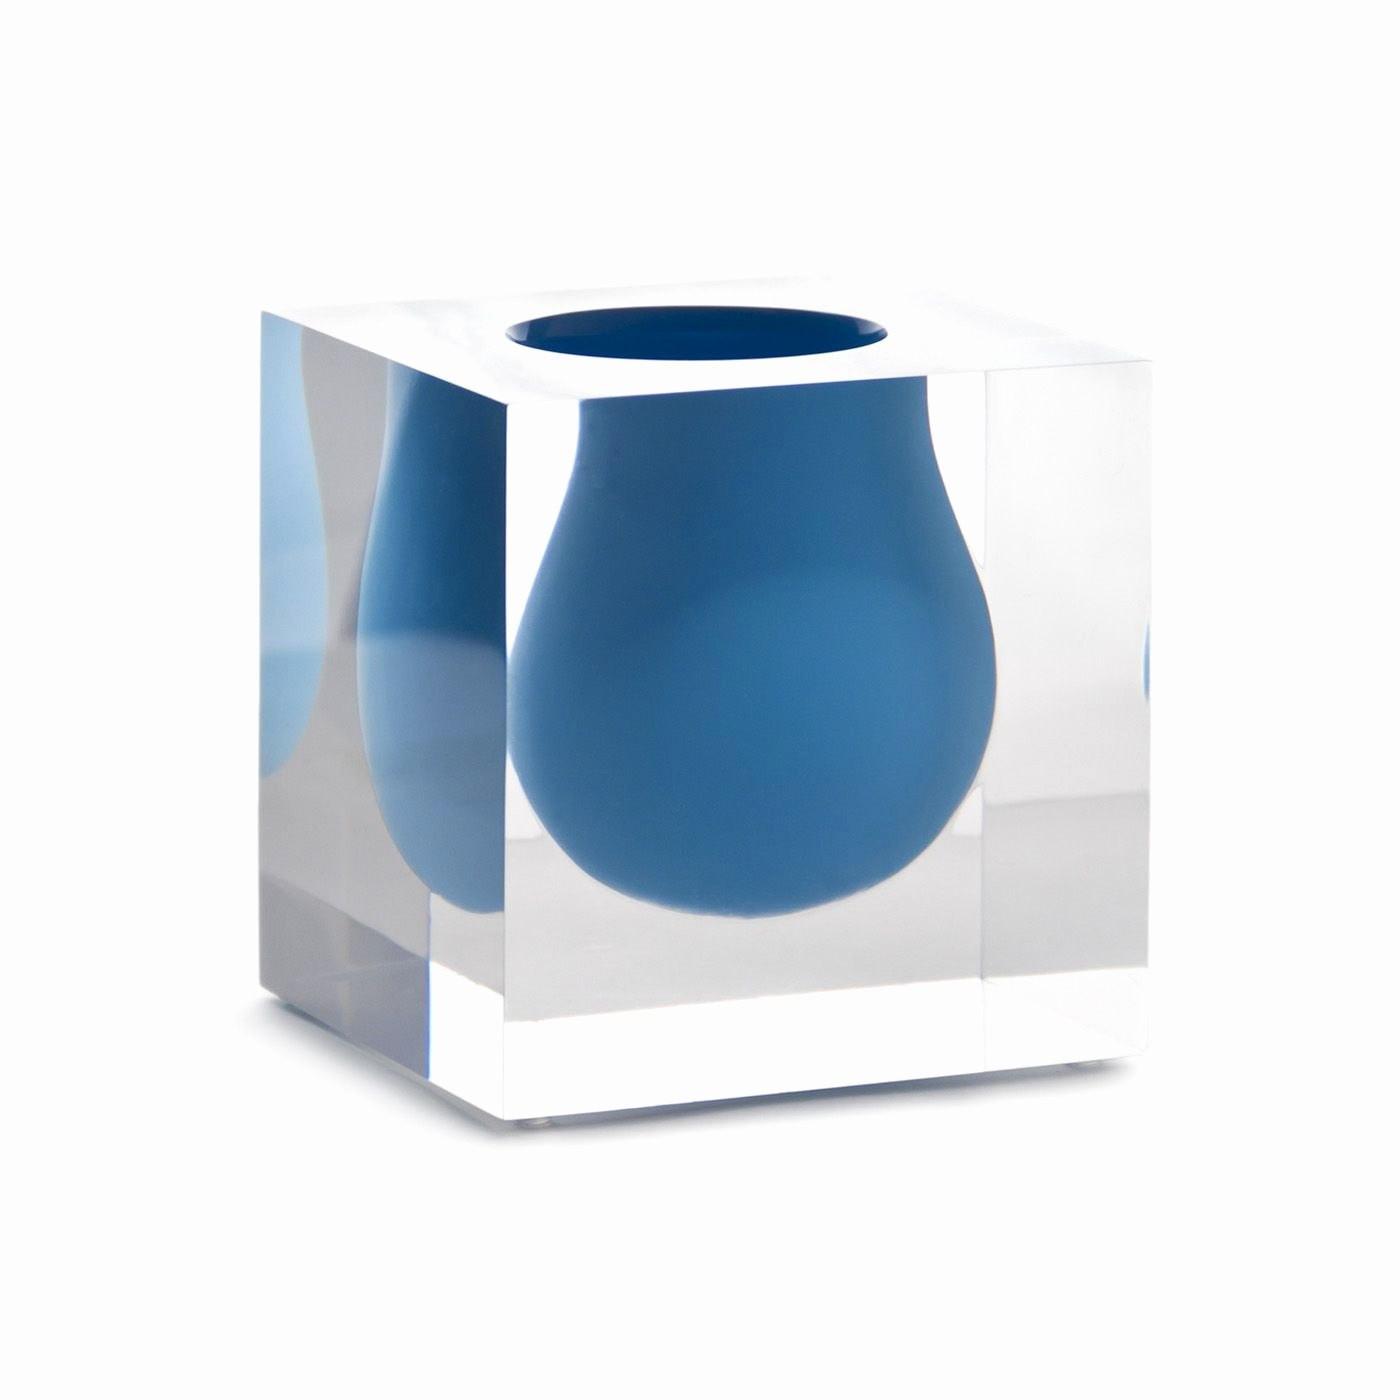 decorative blue vase of 20 unique very tall decorative vases bogekompresorturkiye com intended for vases for home decor unique home decor vases unique d dkbrw 5743 1h vases tall wood